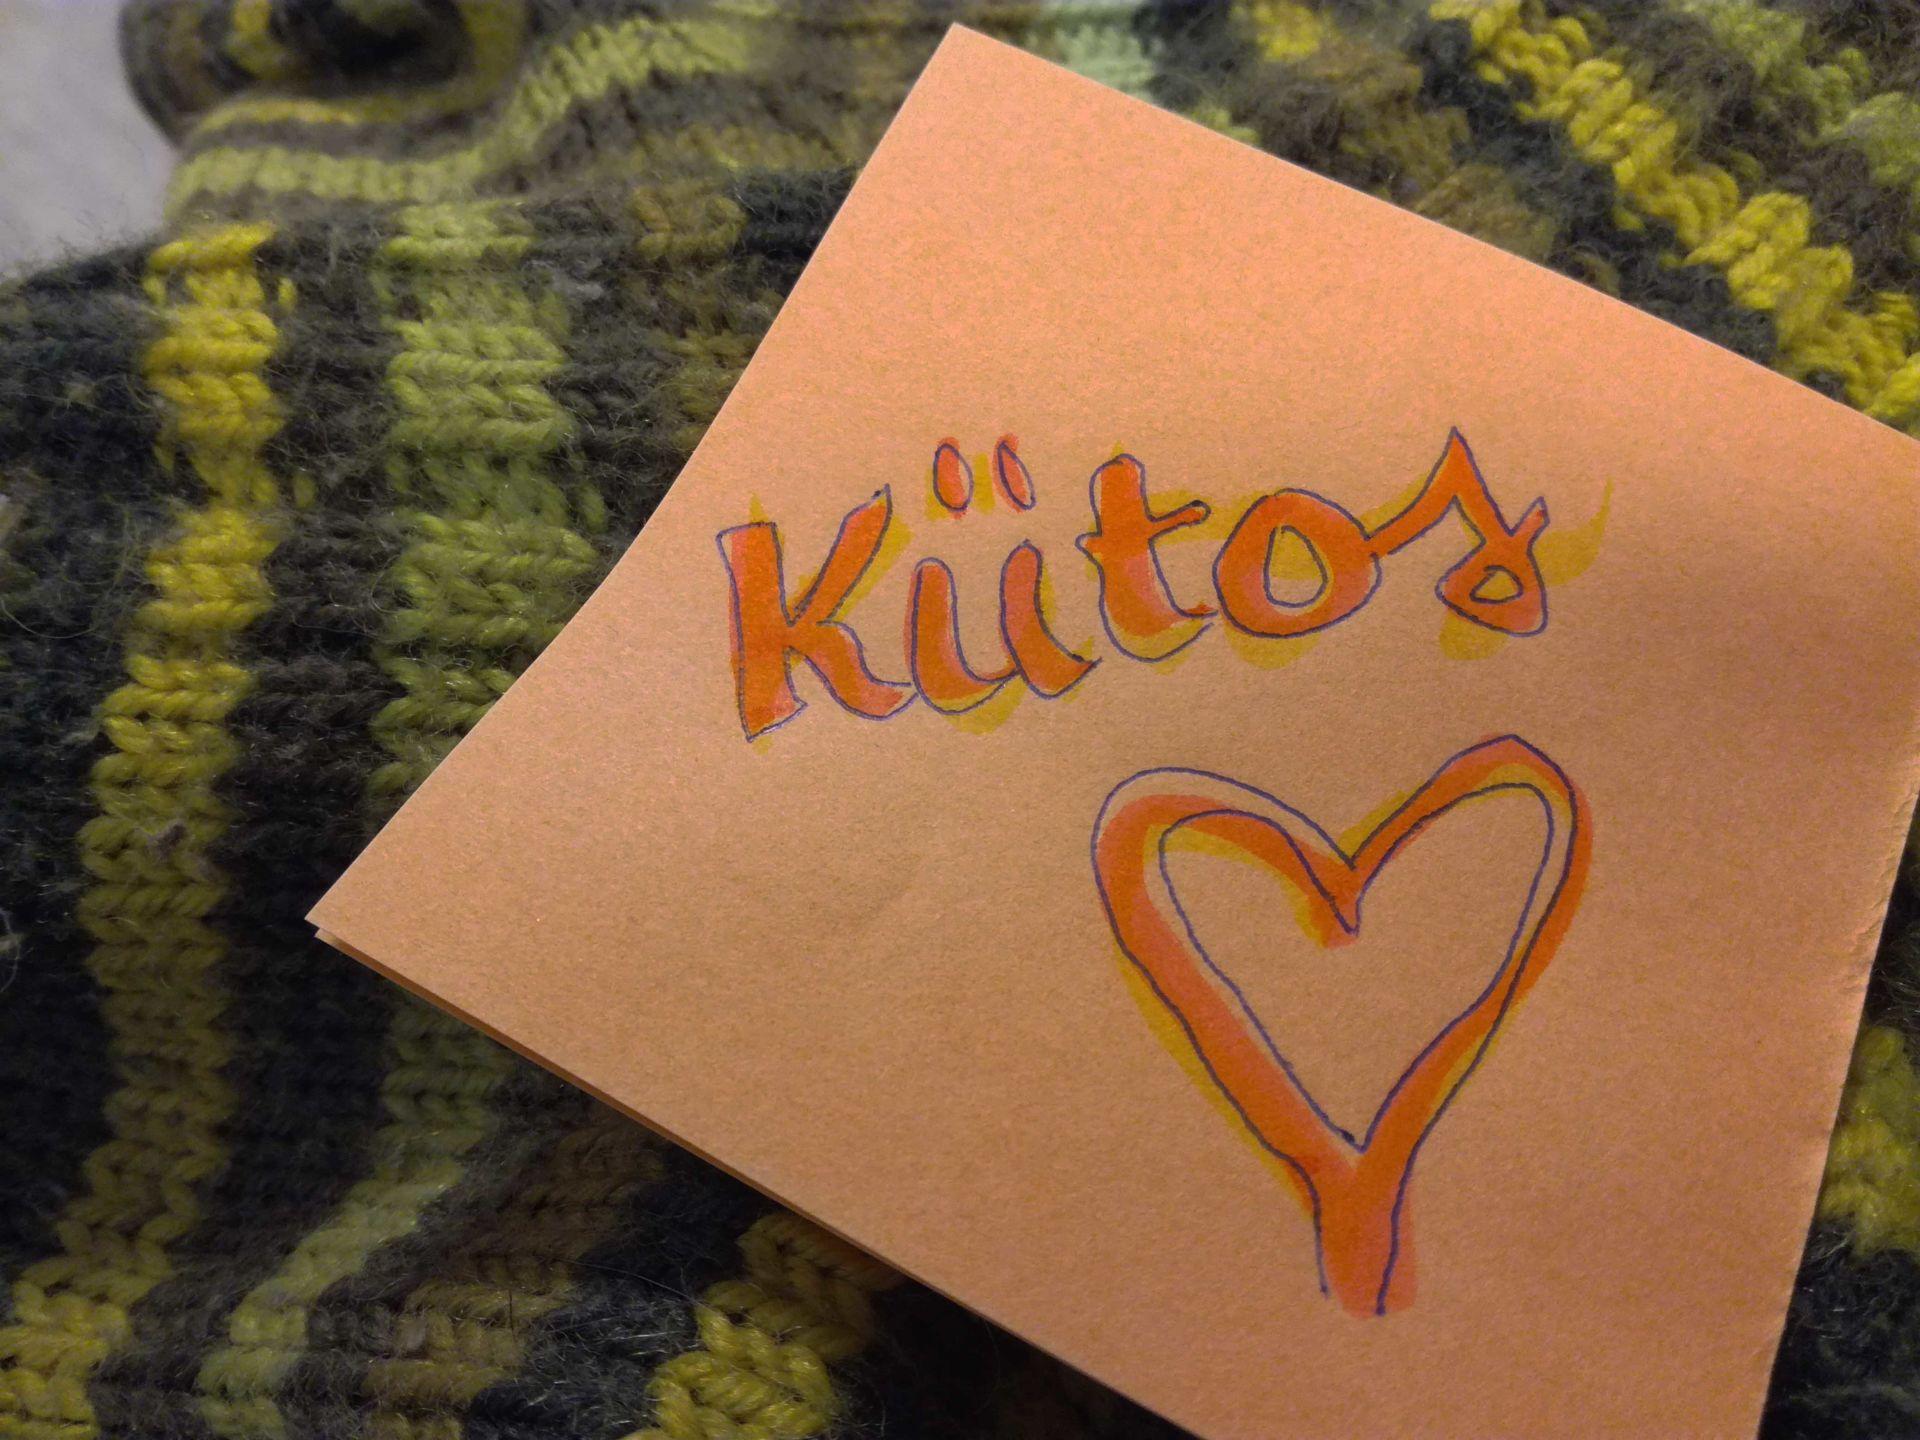 Villasukan päällä paperi, johon piirretty sydän ja kirjoitettu sana kiitos.